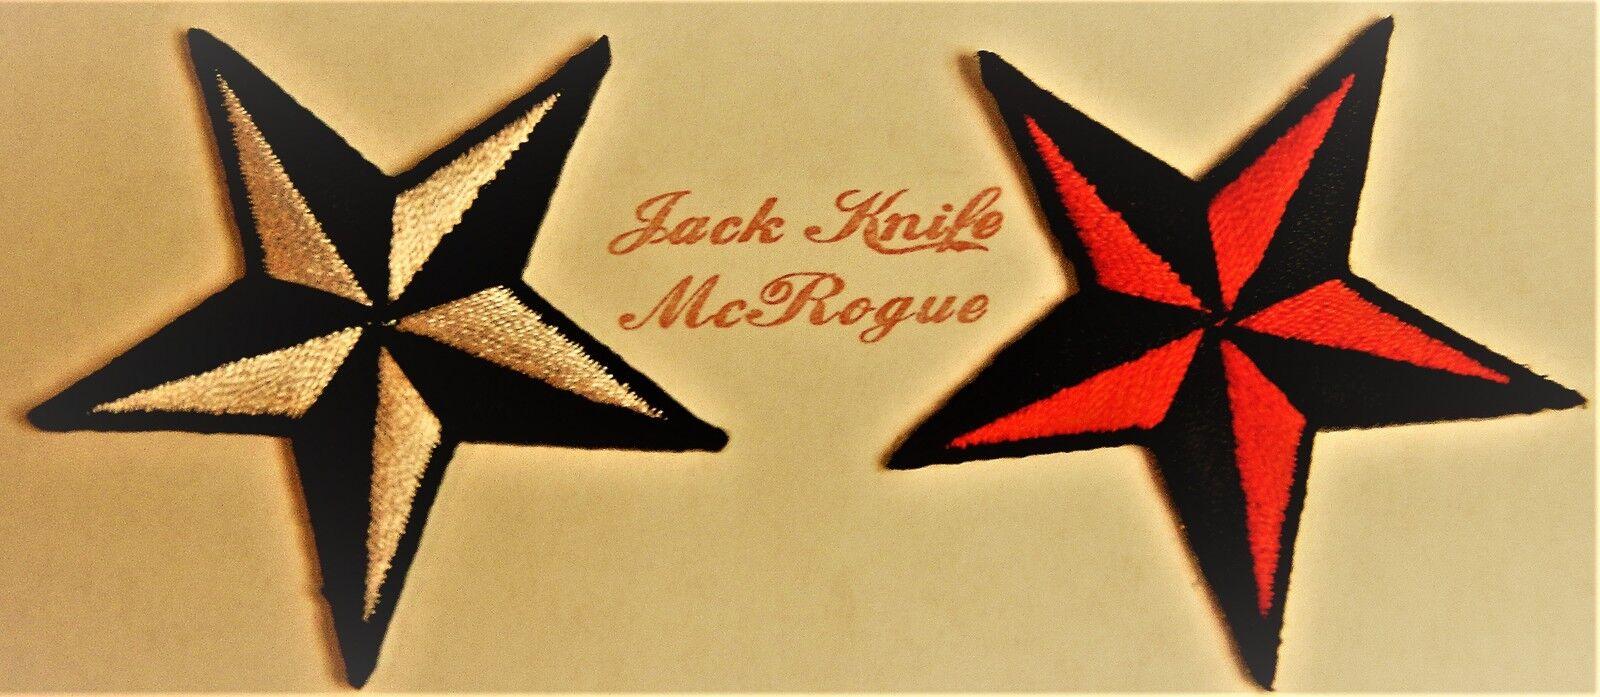 Jack Knife McRogue